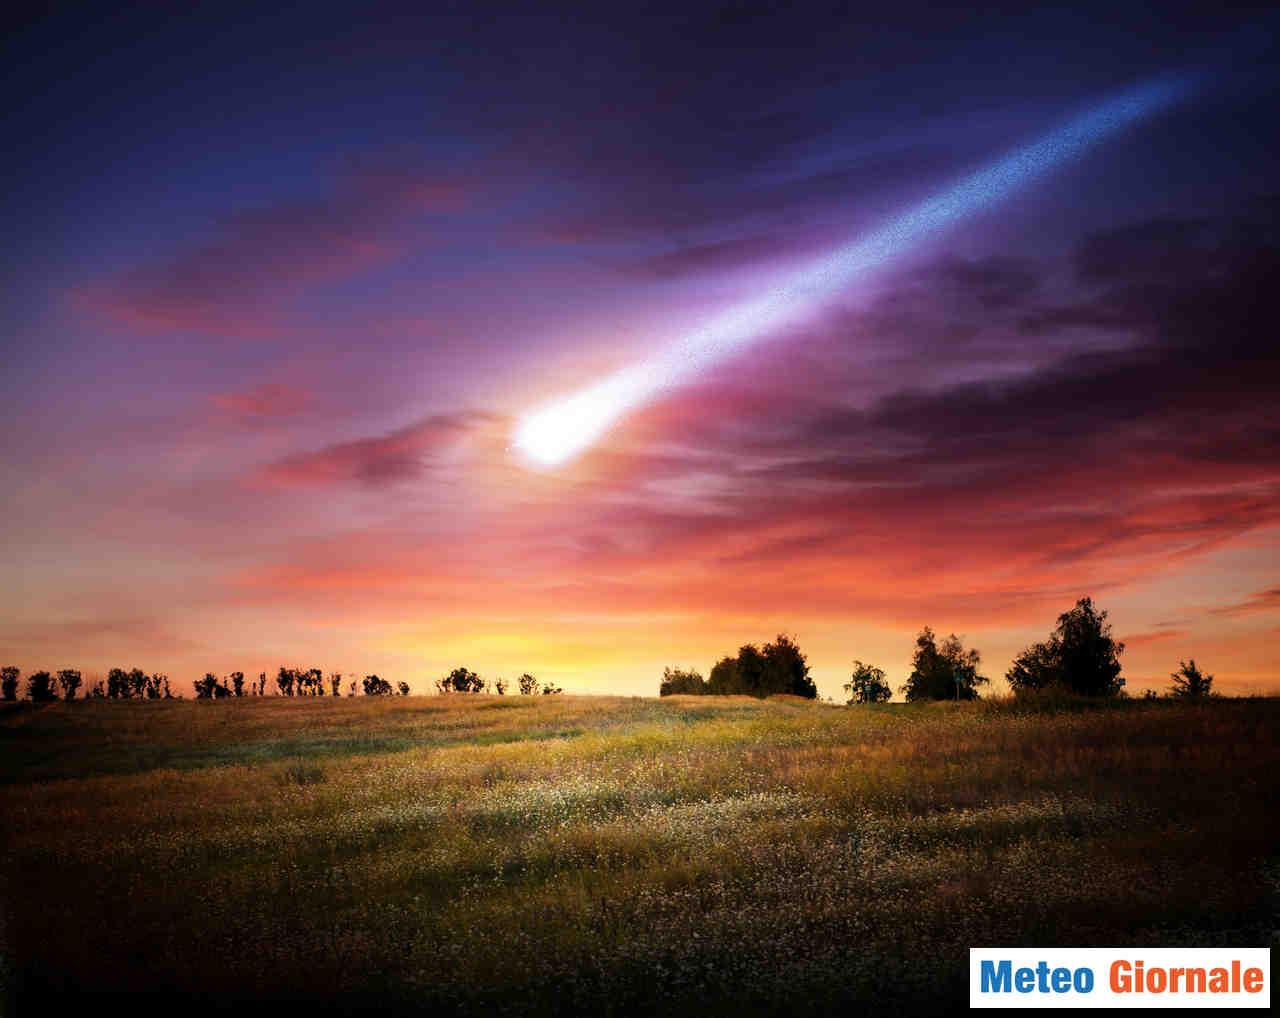 meteo giornale 00050 - Video: METEORA esplode in cielo, con un bagliore impressionante